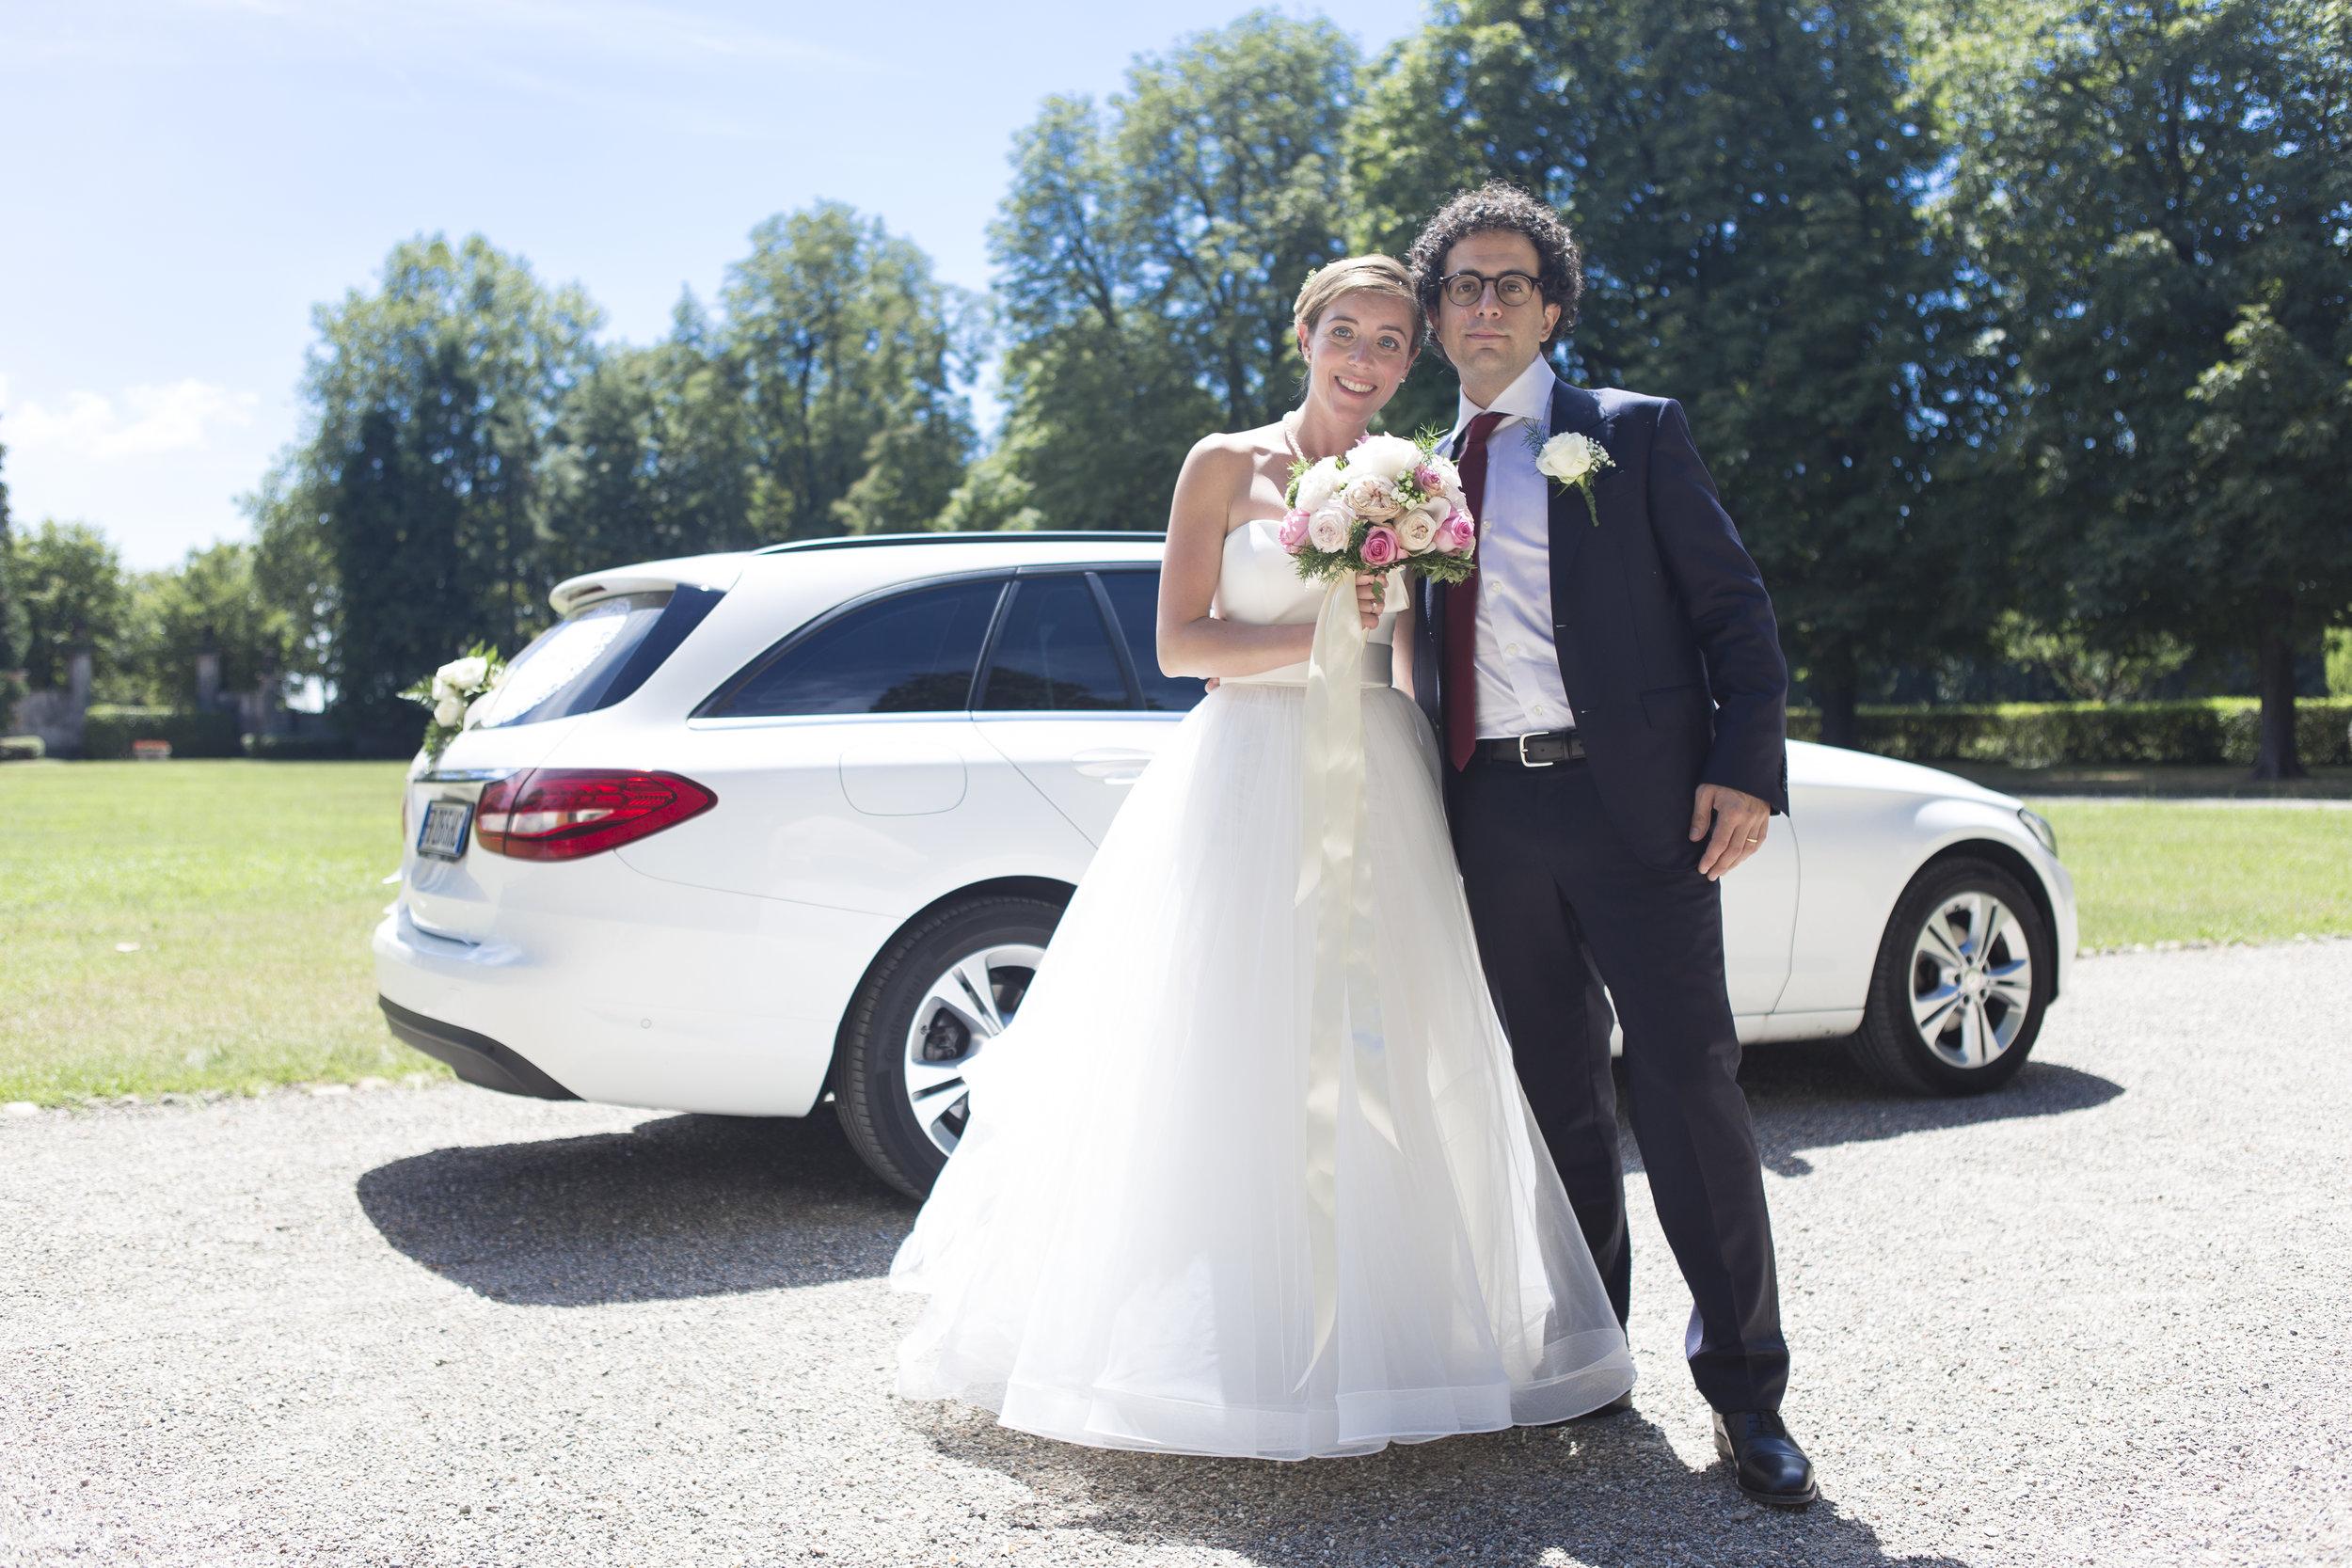 fotografo cerimonia chiesa matrimonio foto invitati